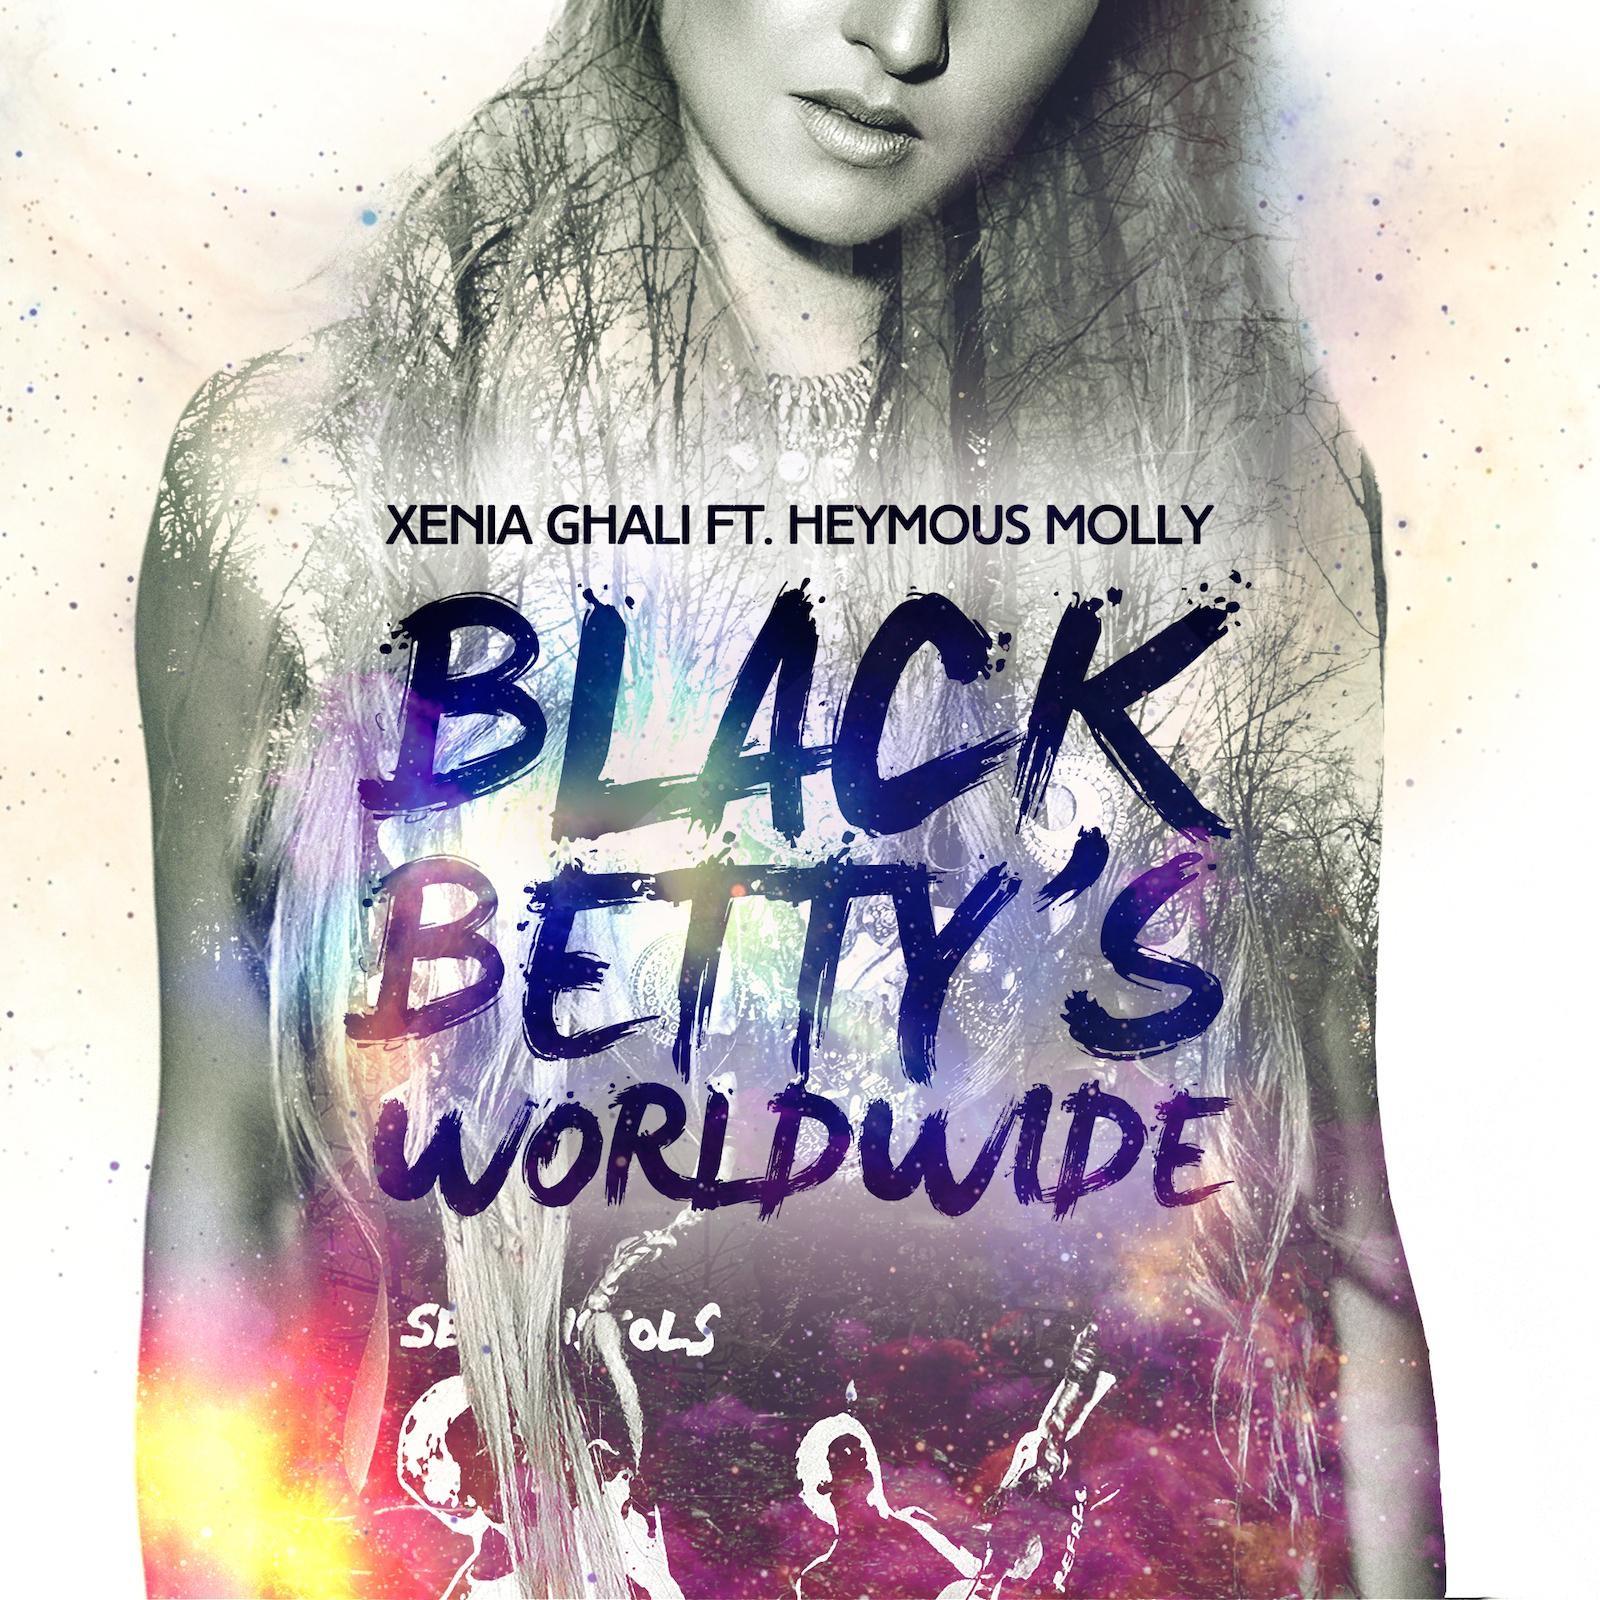 Black singles in xenia